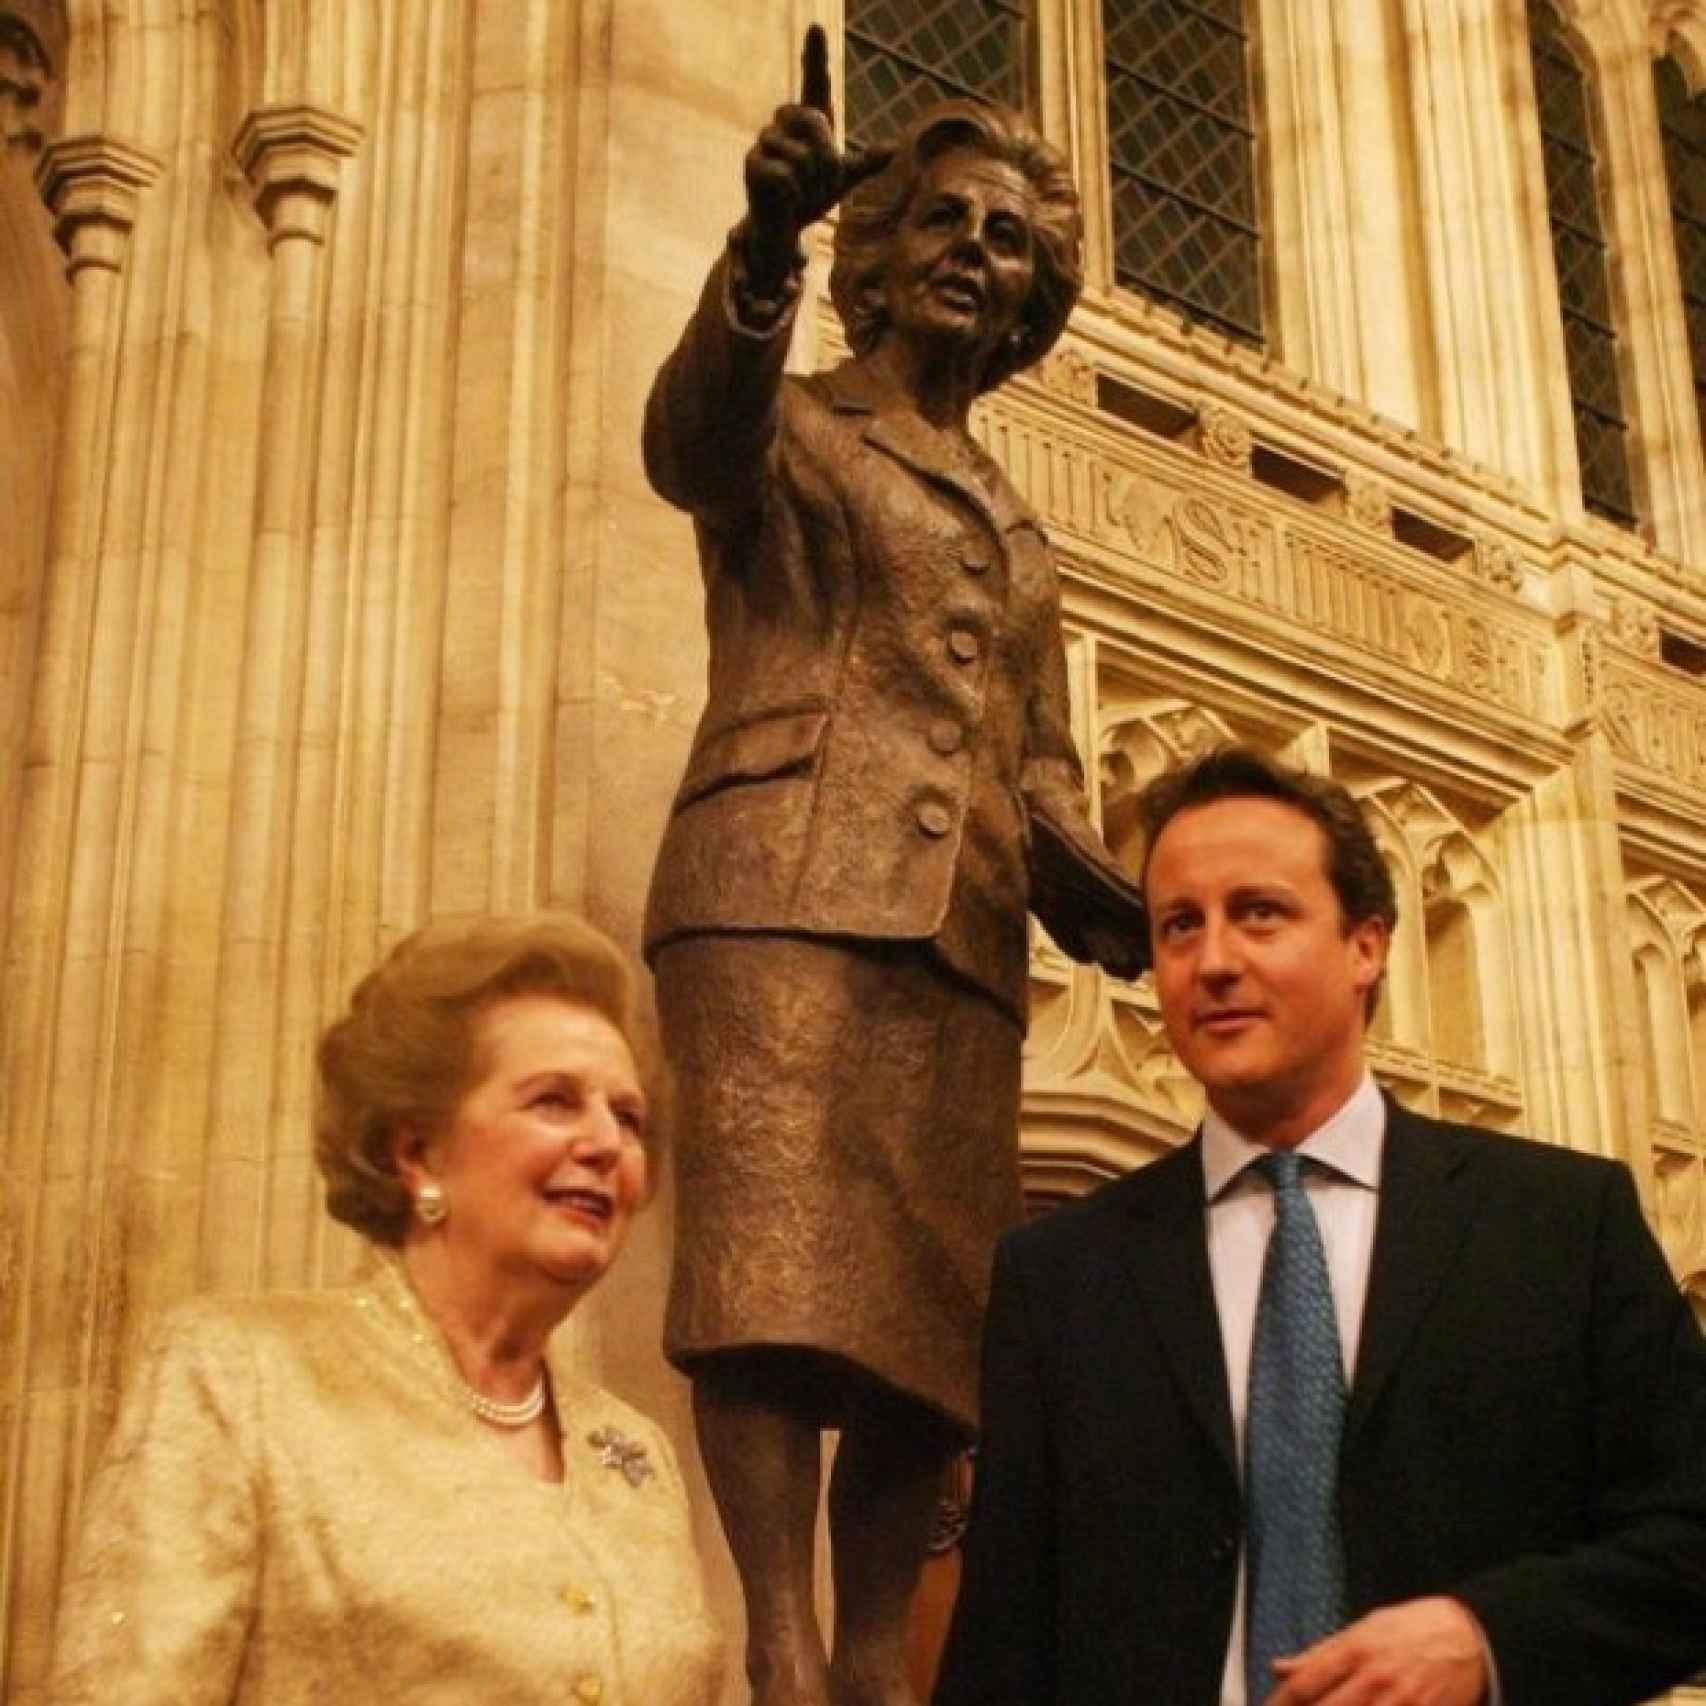 Con Cameron, en el interior del Parlamento, junto a su estatua con bolso.